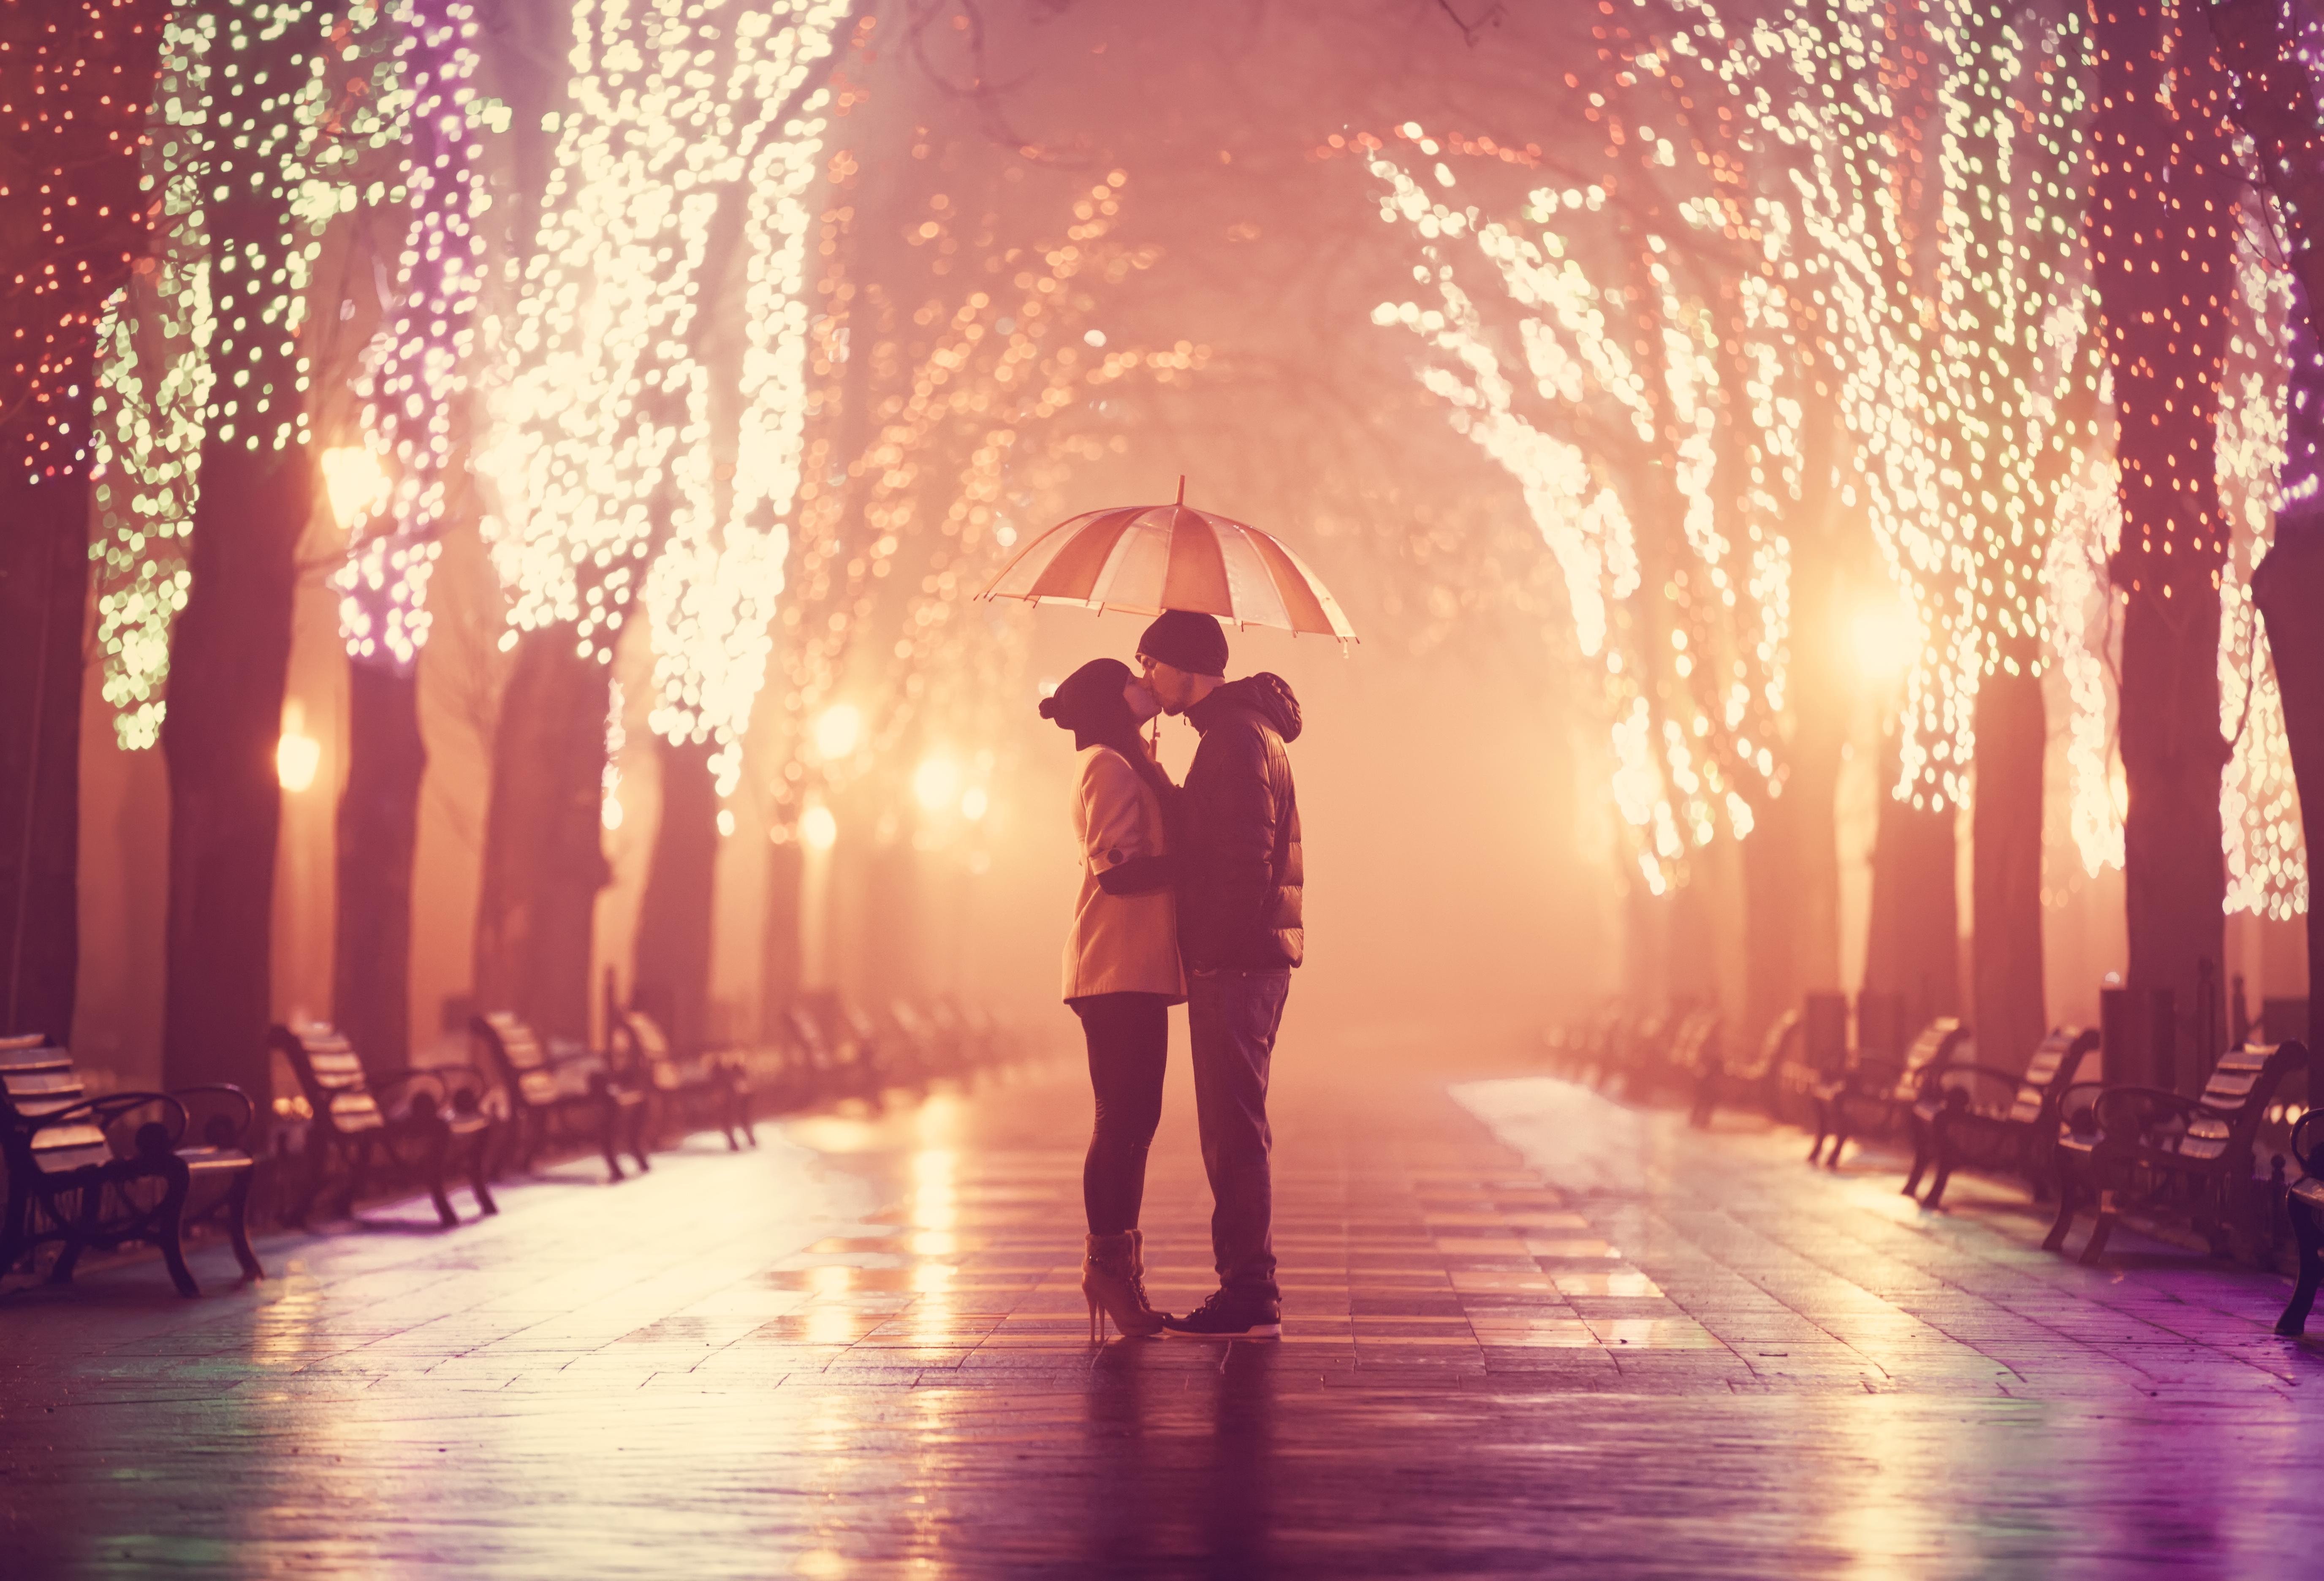 好きな人からキスされる夢の意味